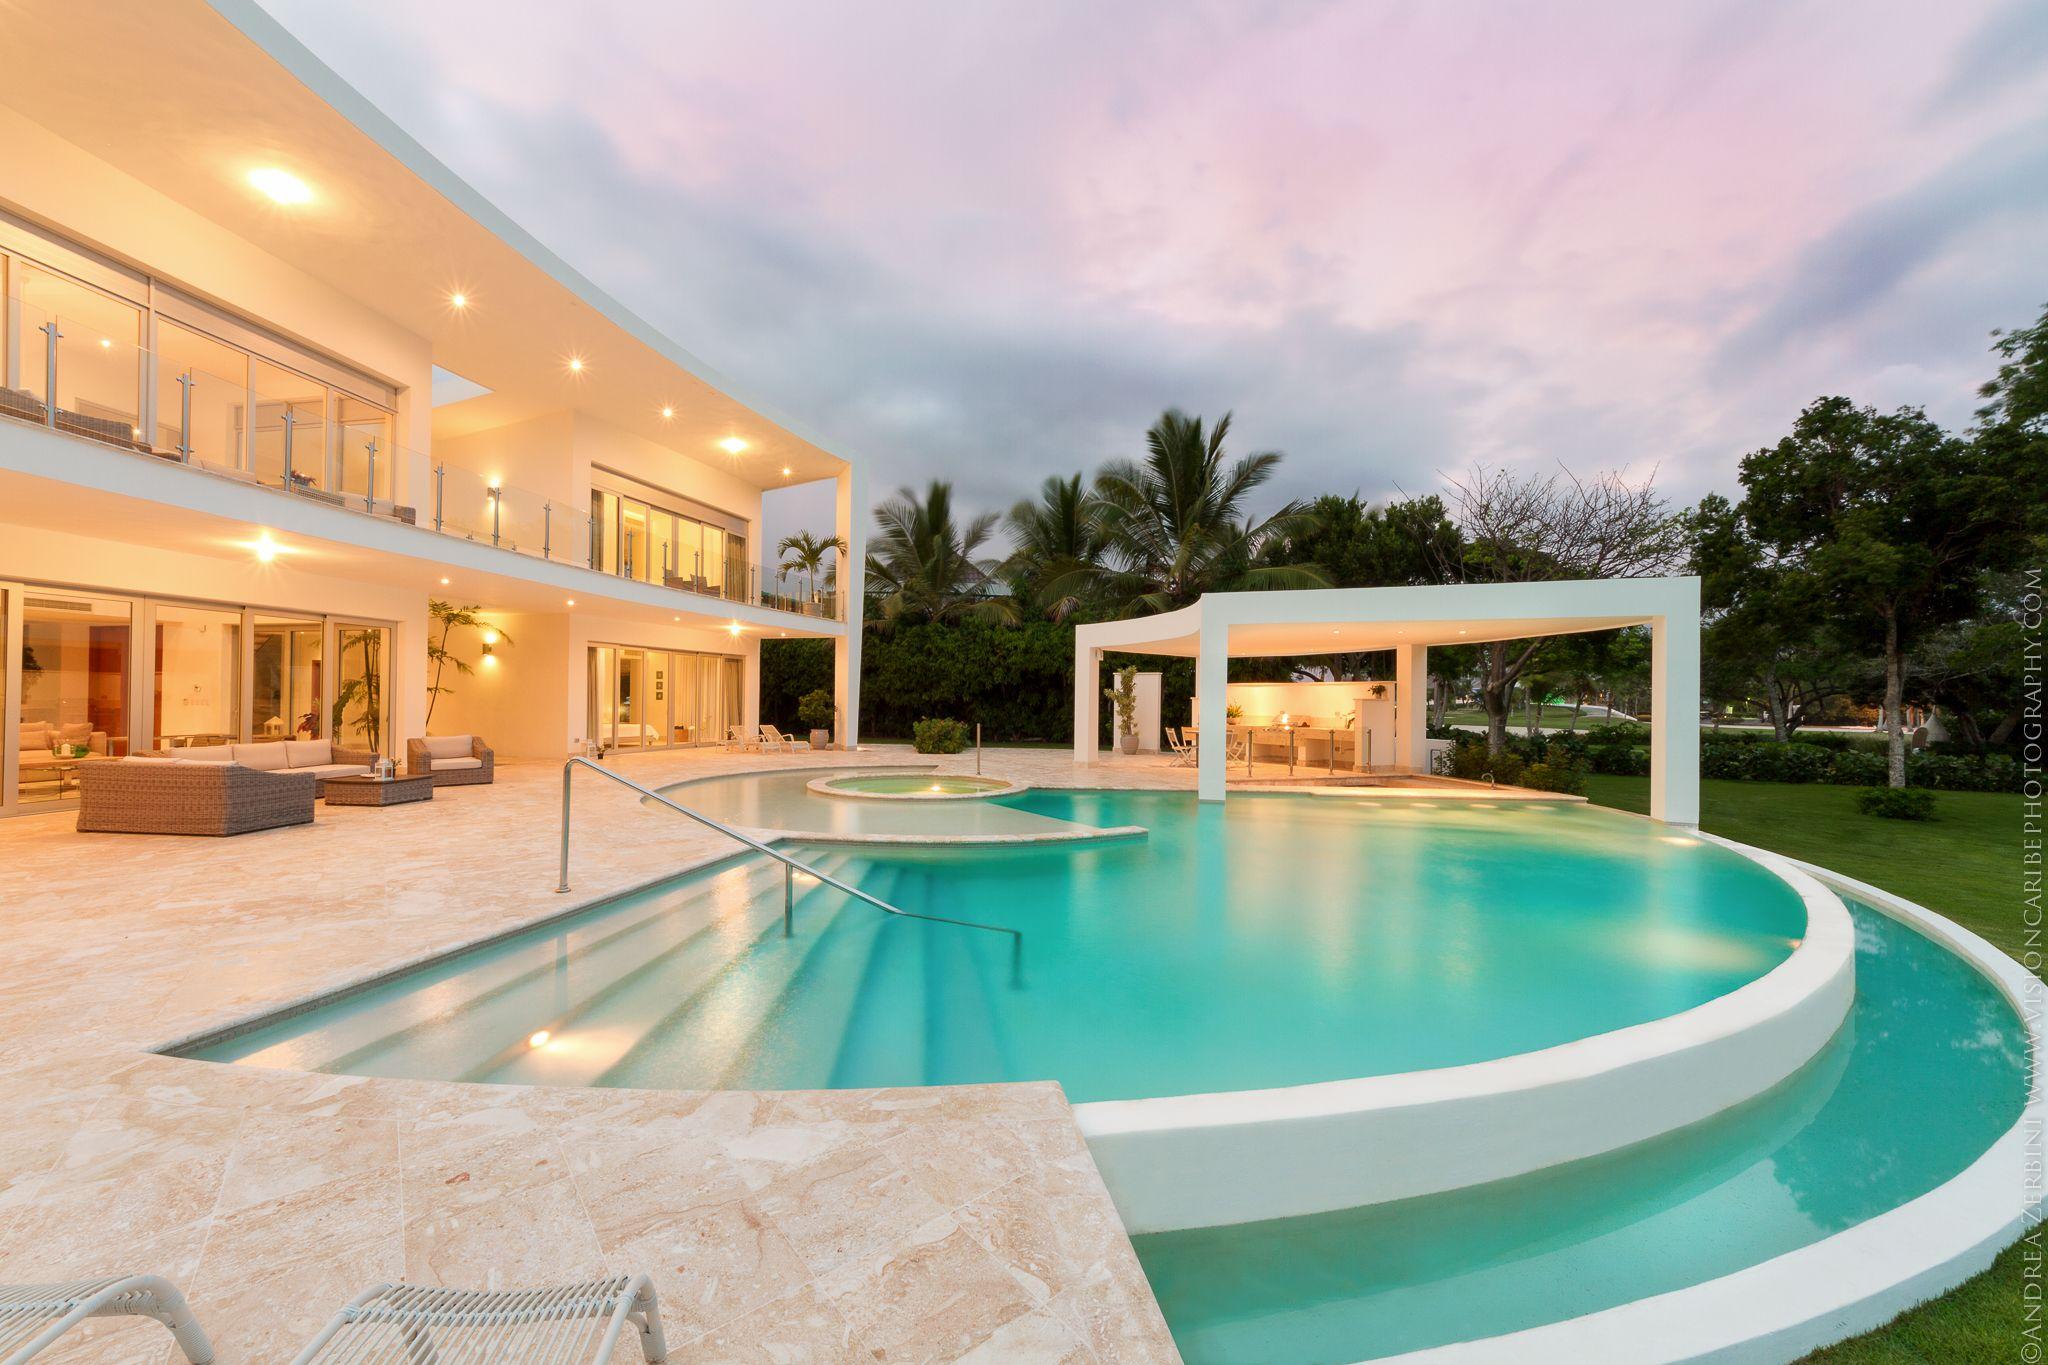 Villa Rosana, uno de los proyectos arquitectónicos de Juan Granell en República Dominicana.